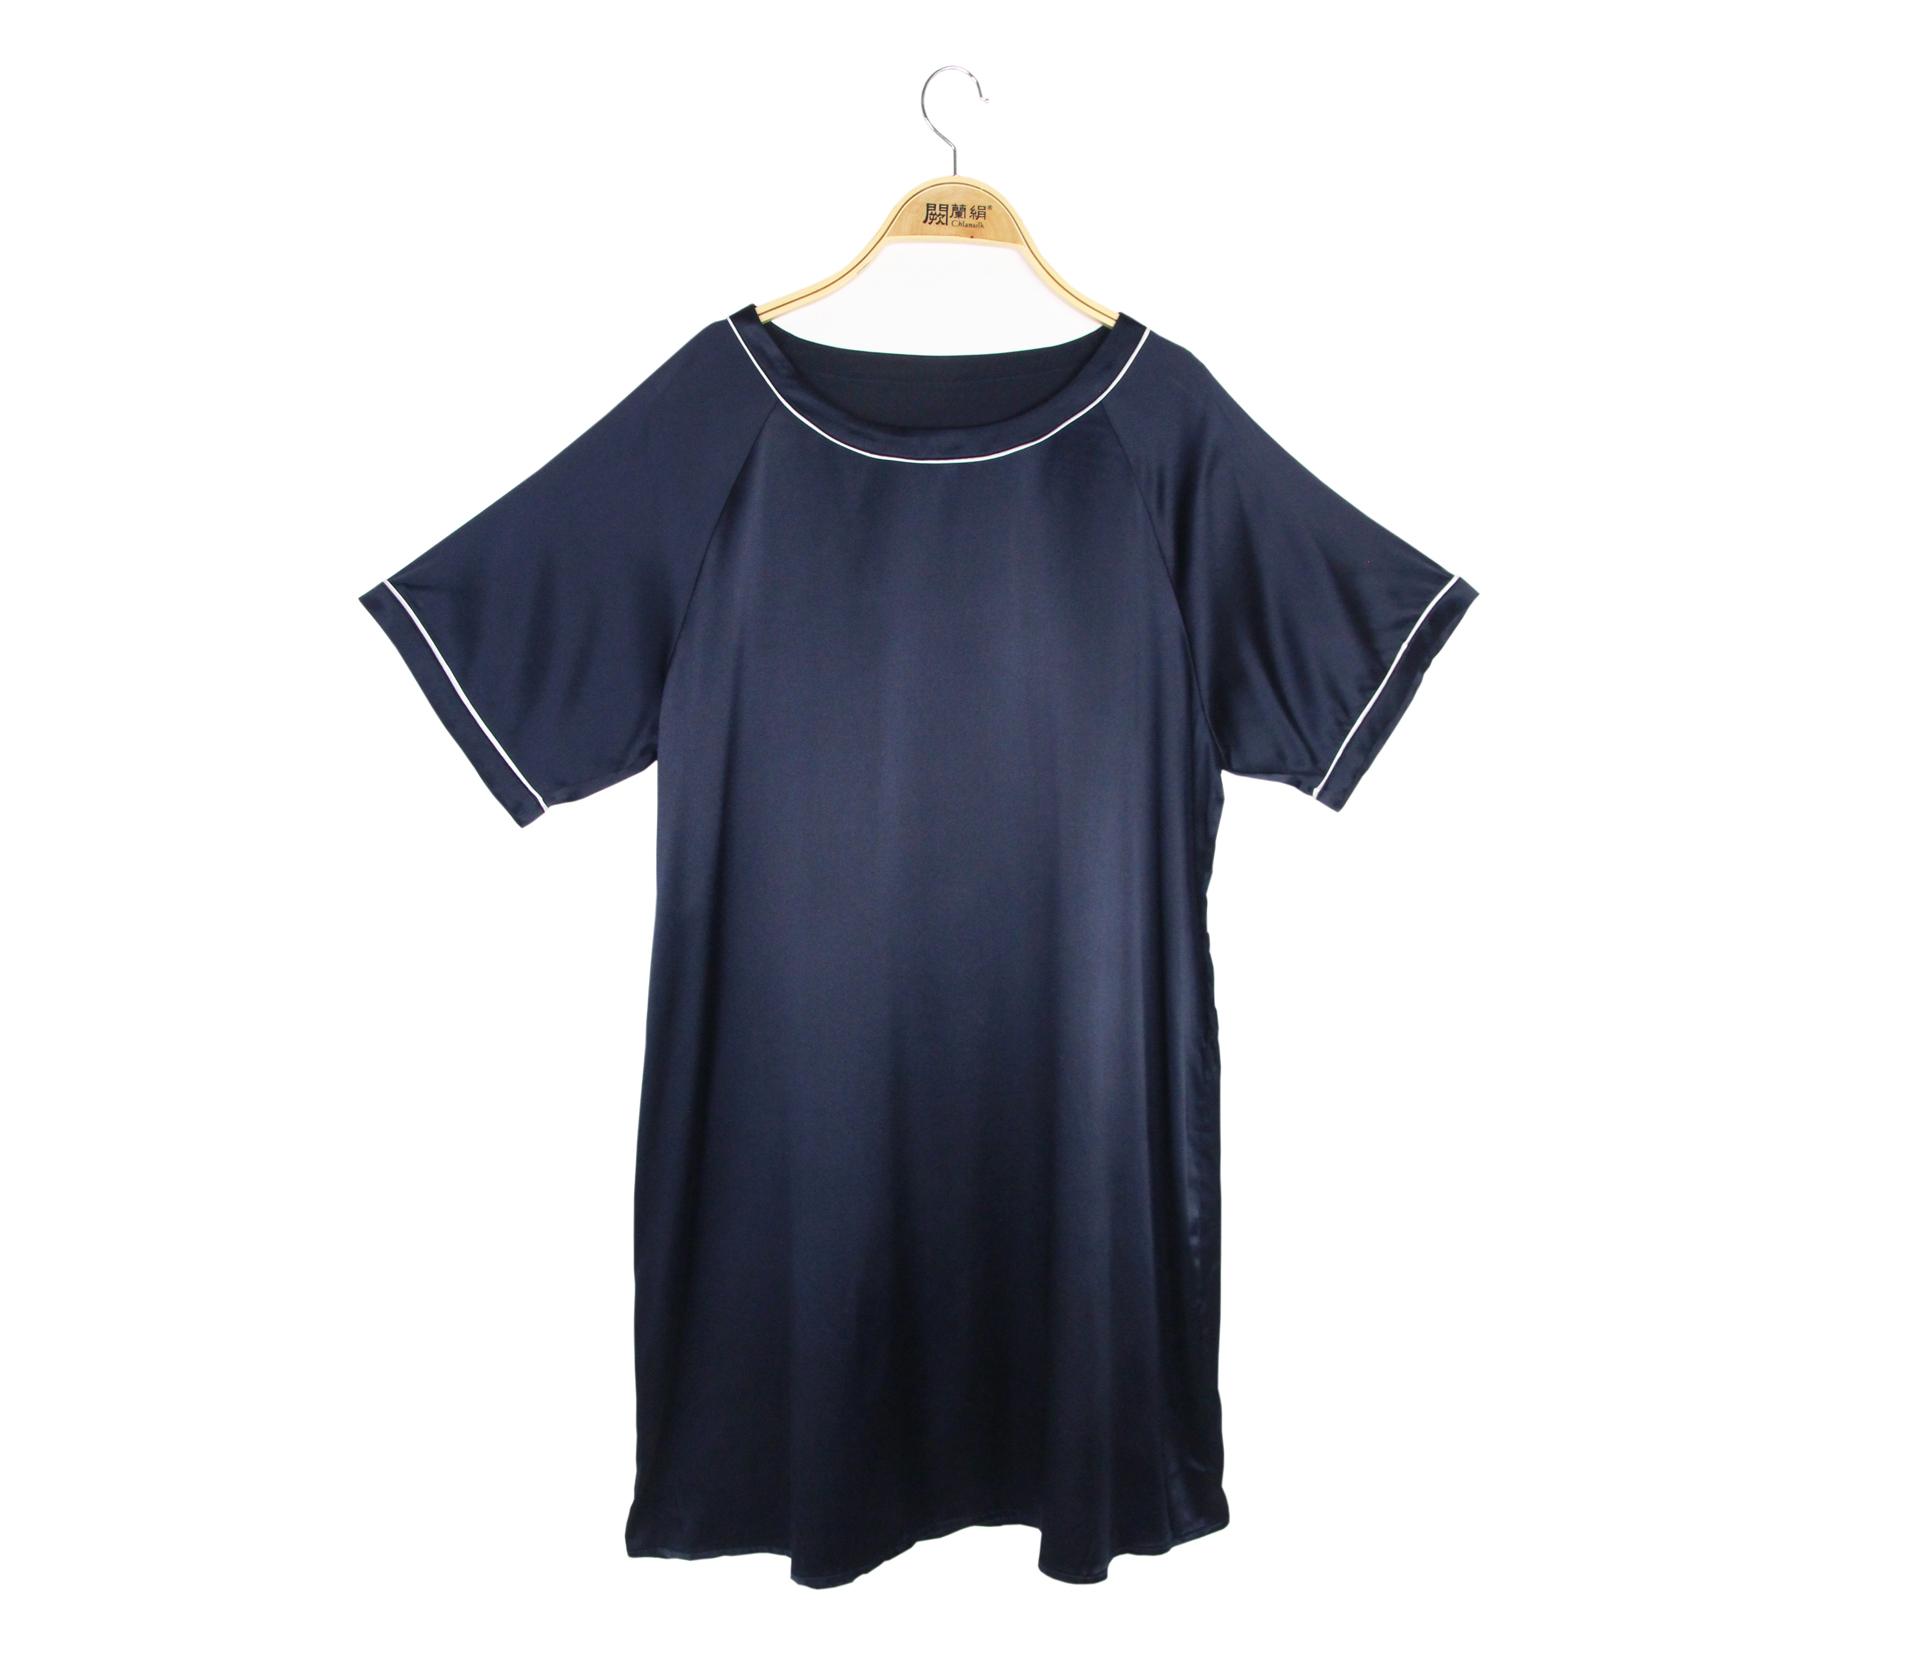 闕蘭絹輕柔舒適圓領蠶絲緞面洋裝 - 藍色 - 6633